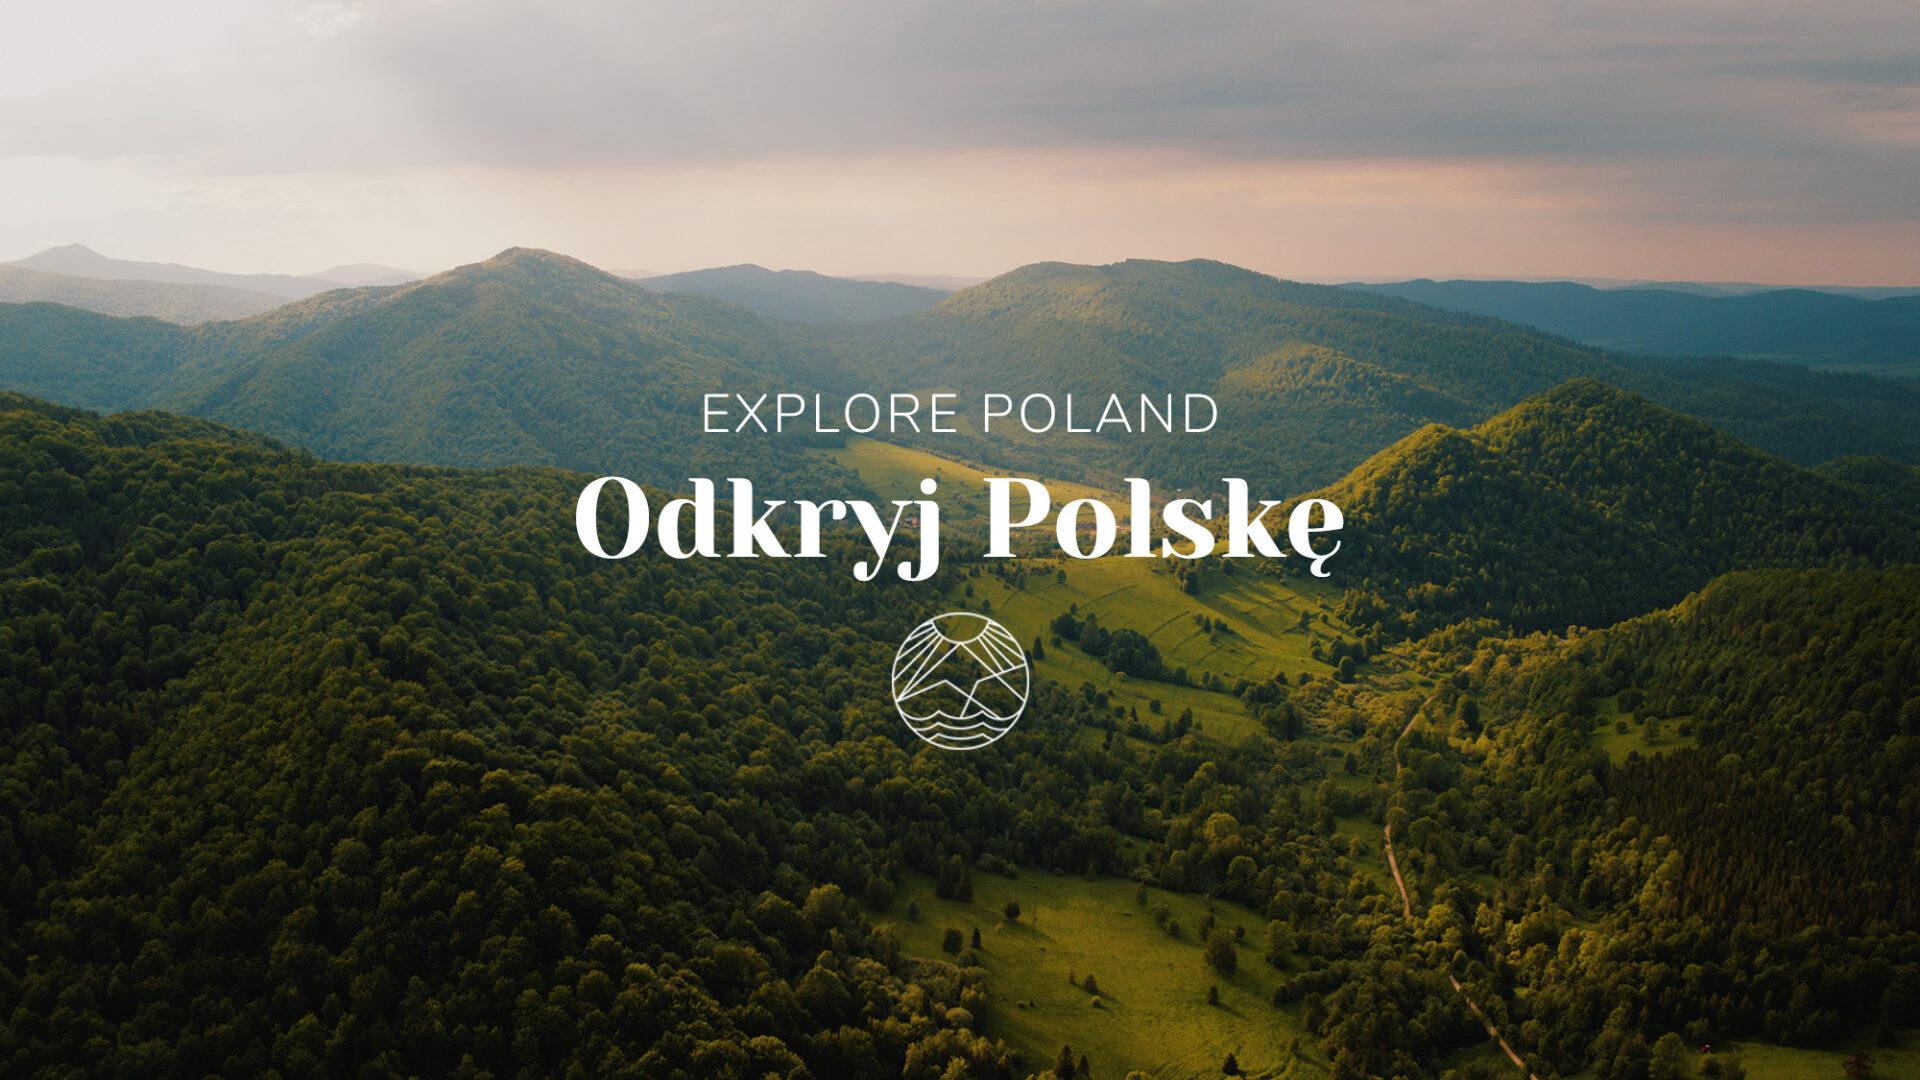 Explore Poland / Odkryj Polskę 3